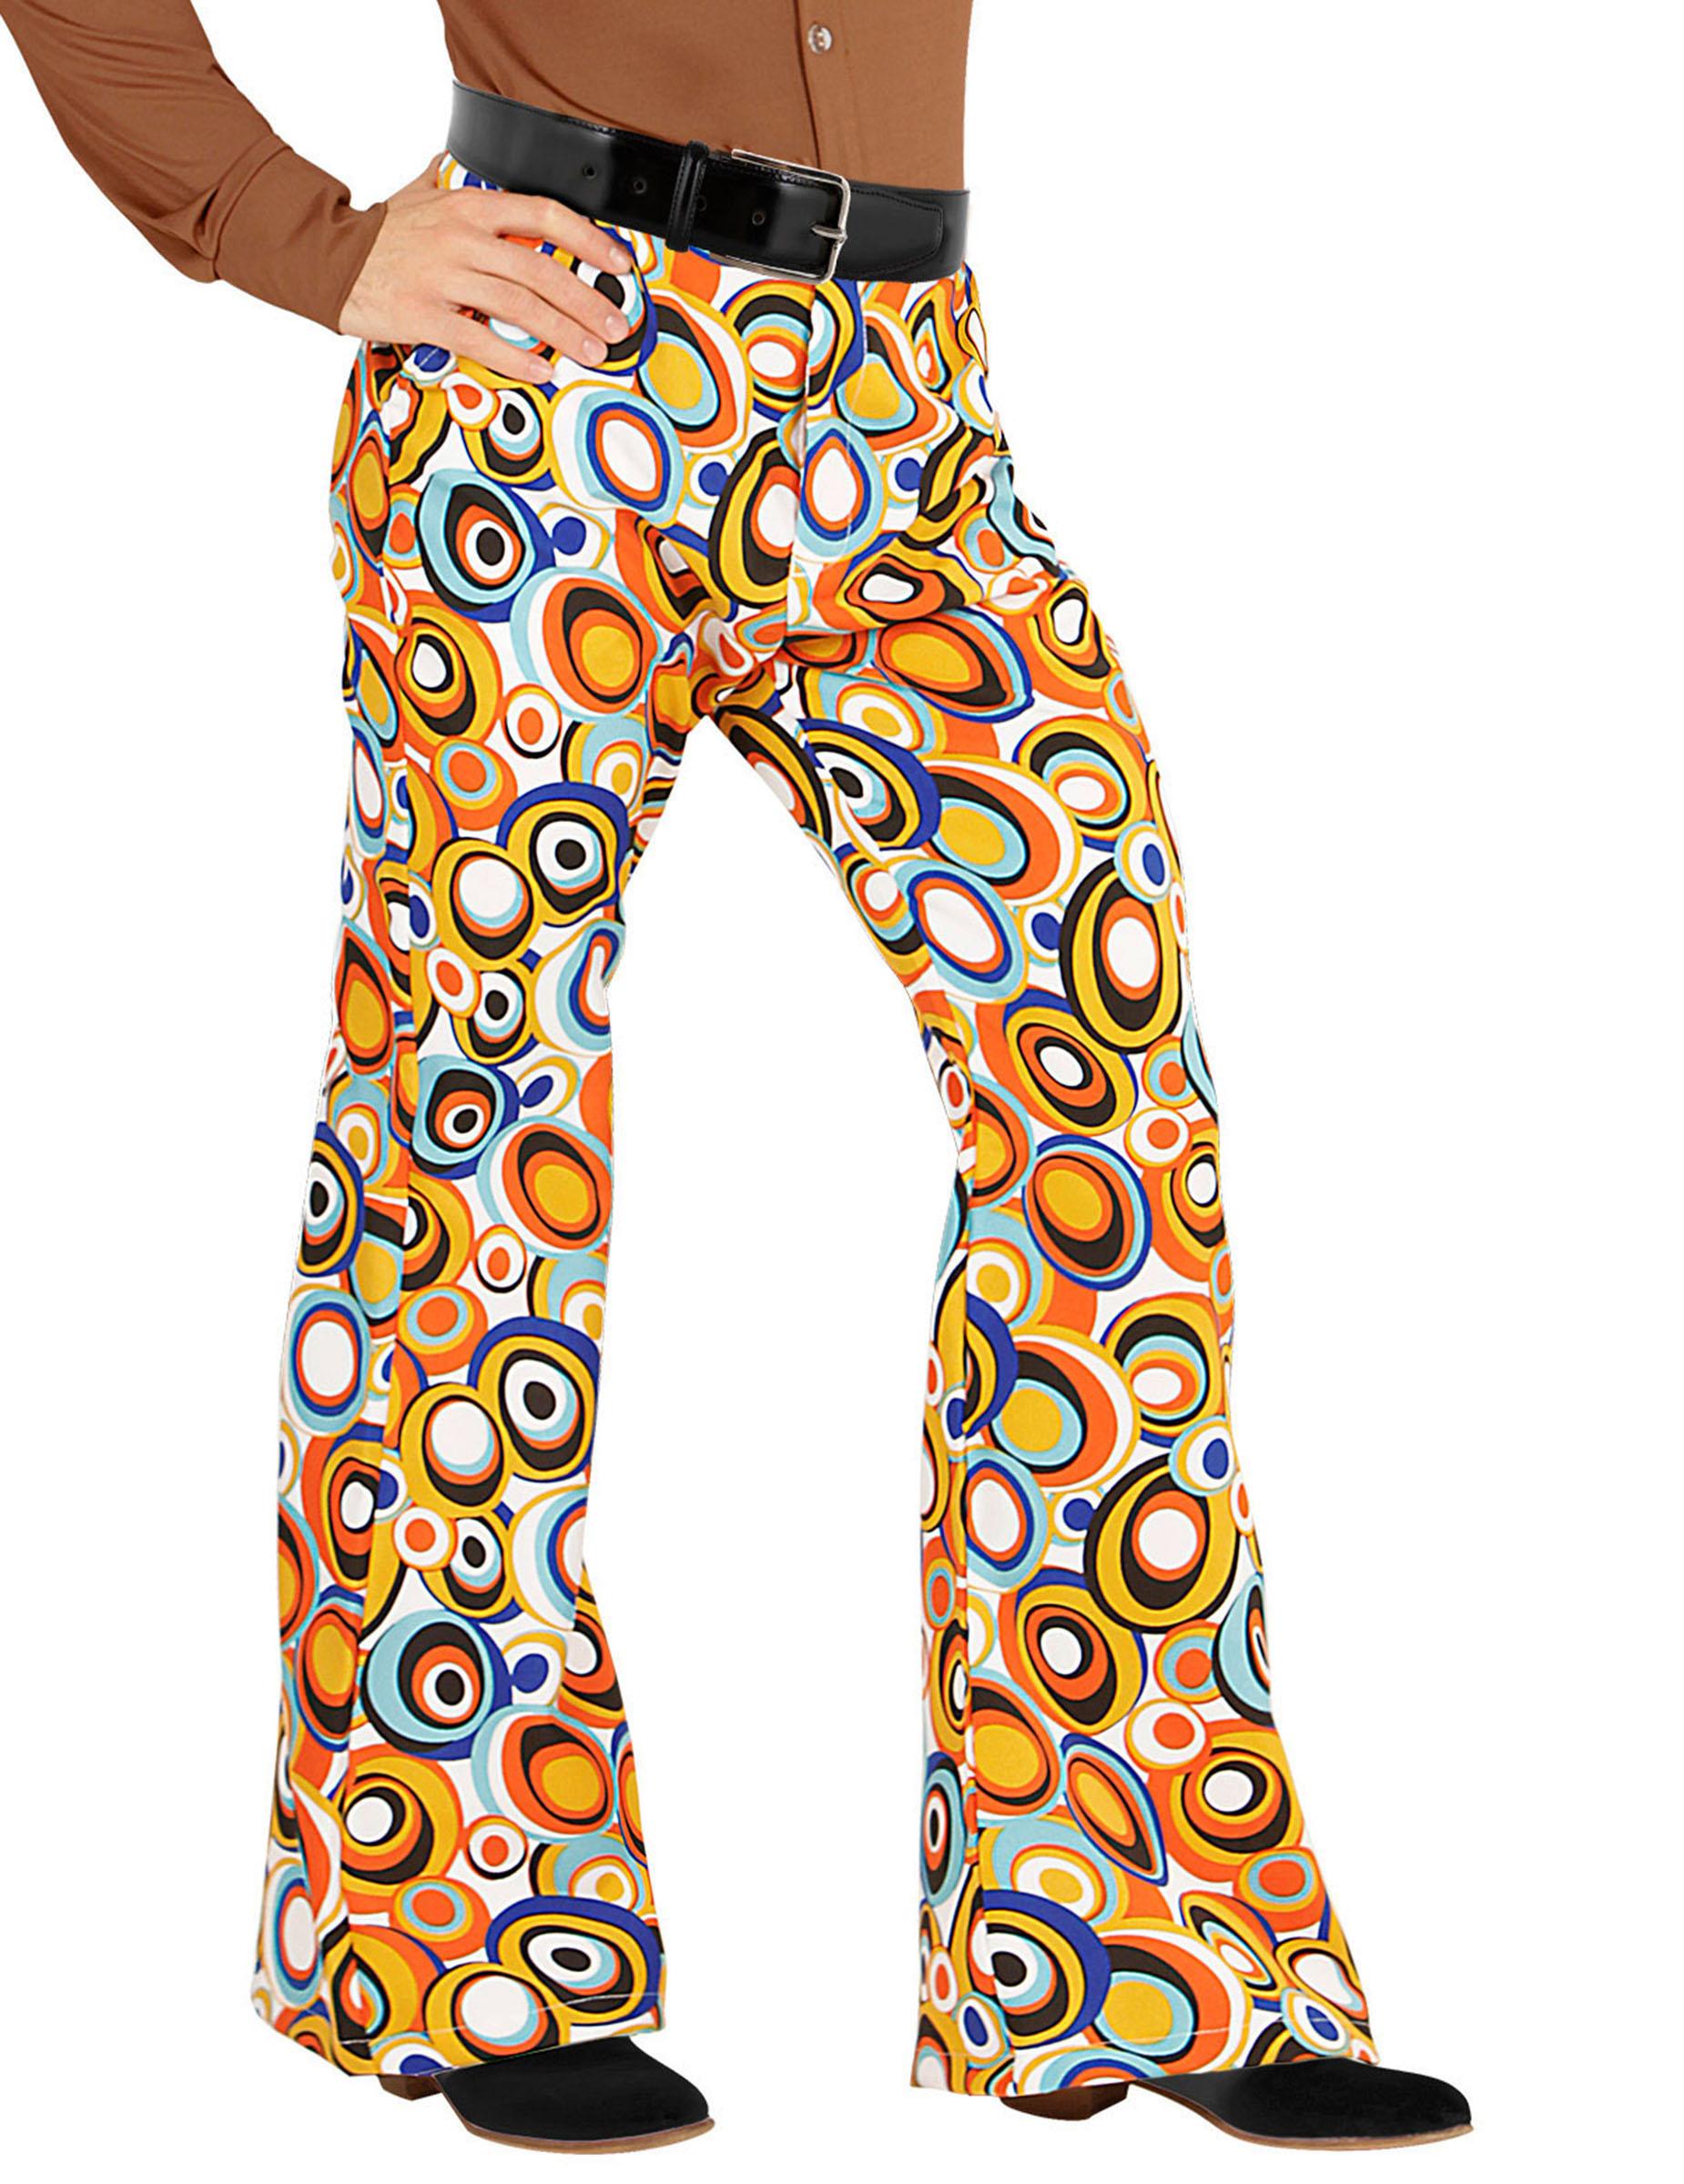 pantalon groovy bubbles ann es 70 homme deguise toi achat de d guisements adultes. Black Bedroom Furniture Sets. Home Design Ideas